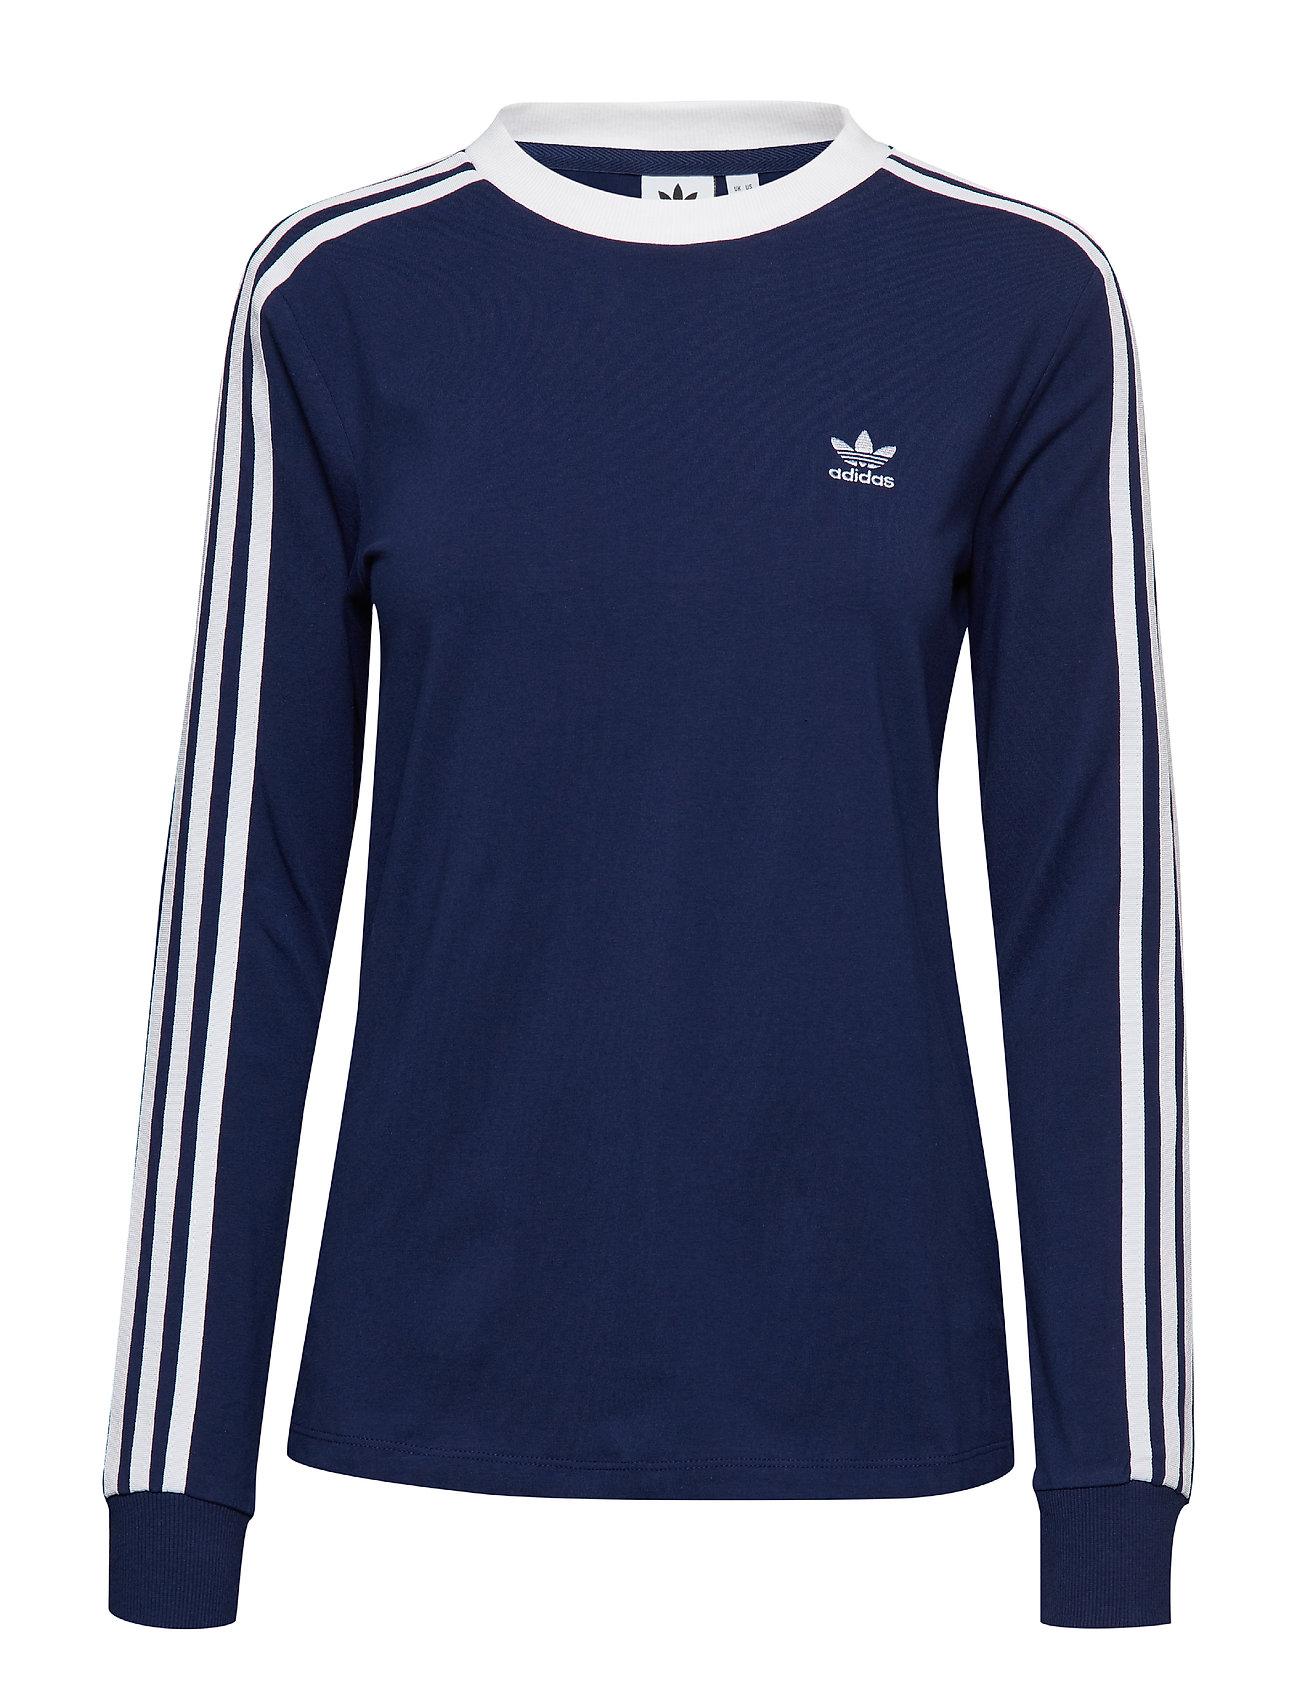 2a5f9d1f23d Adidas langærmede t-shirts & toppe – 3 Str Ls Tee til dame i Sort ...